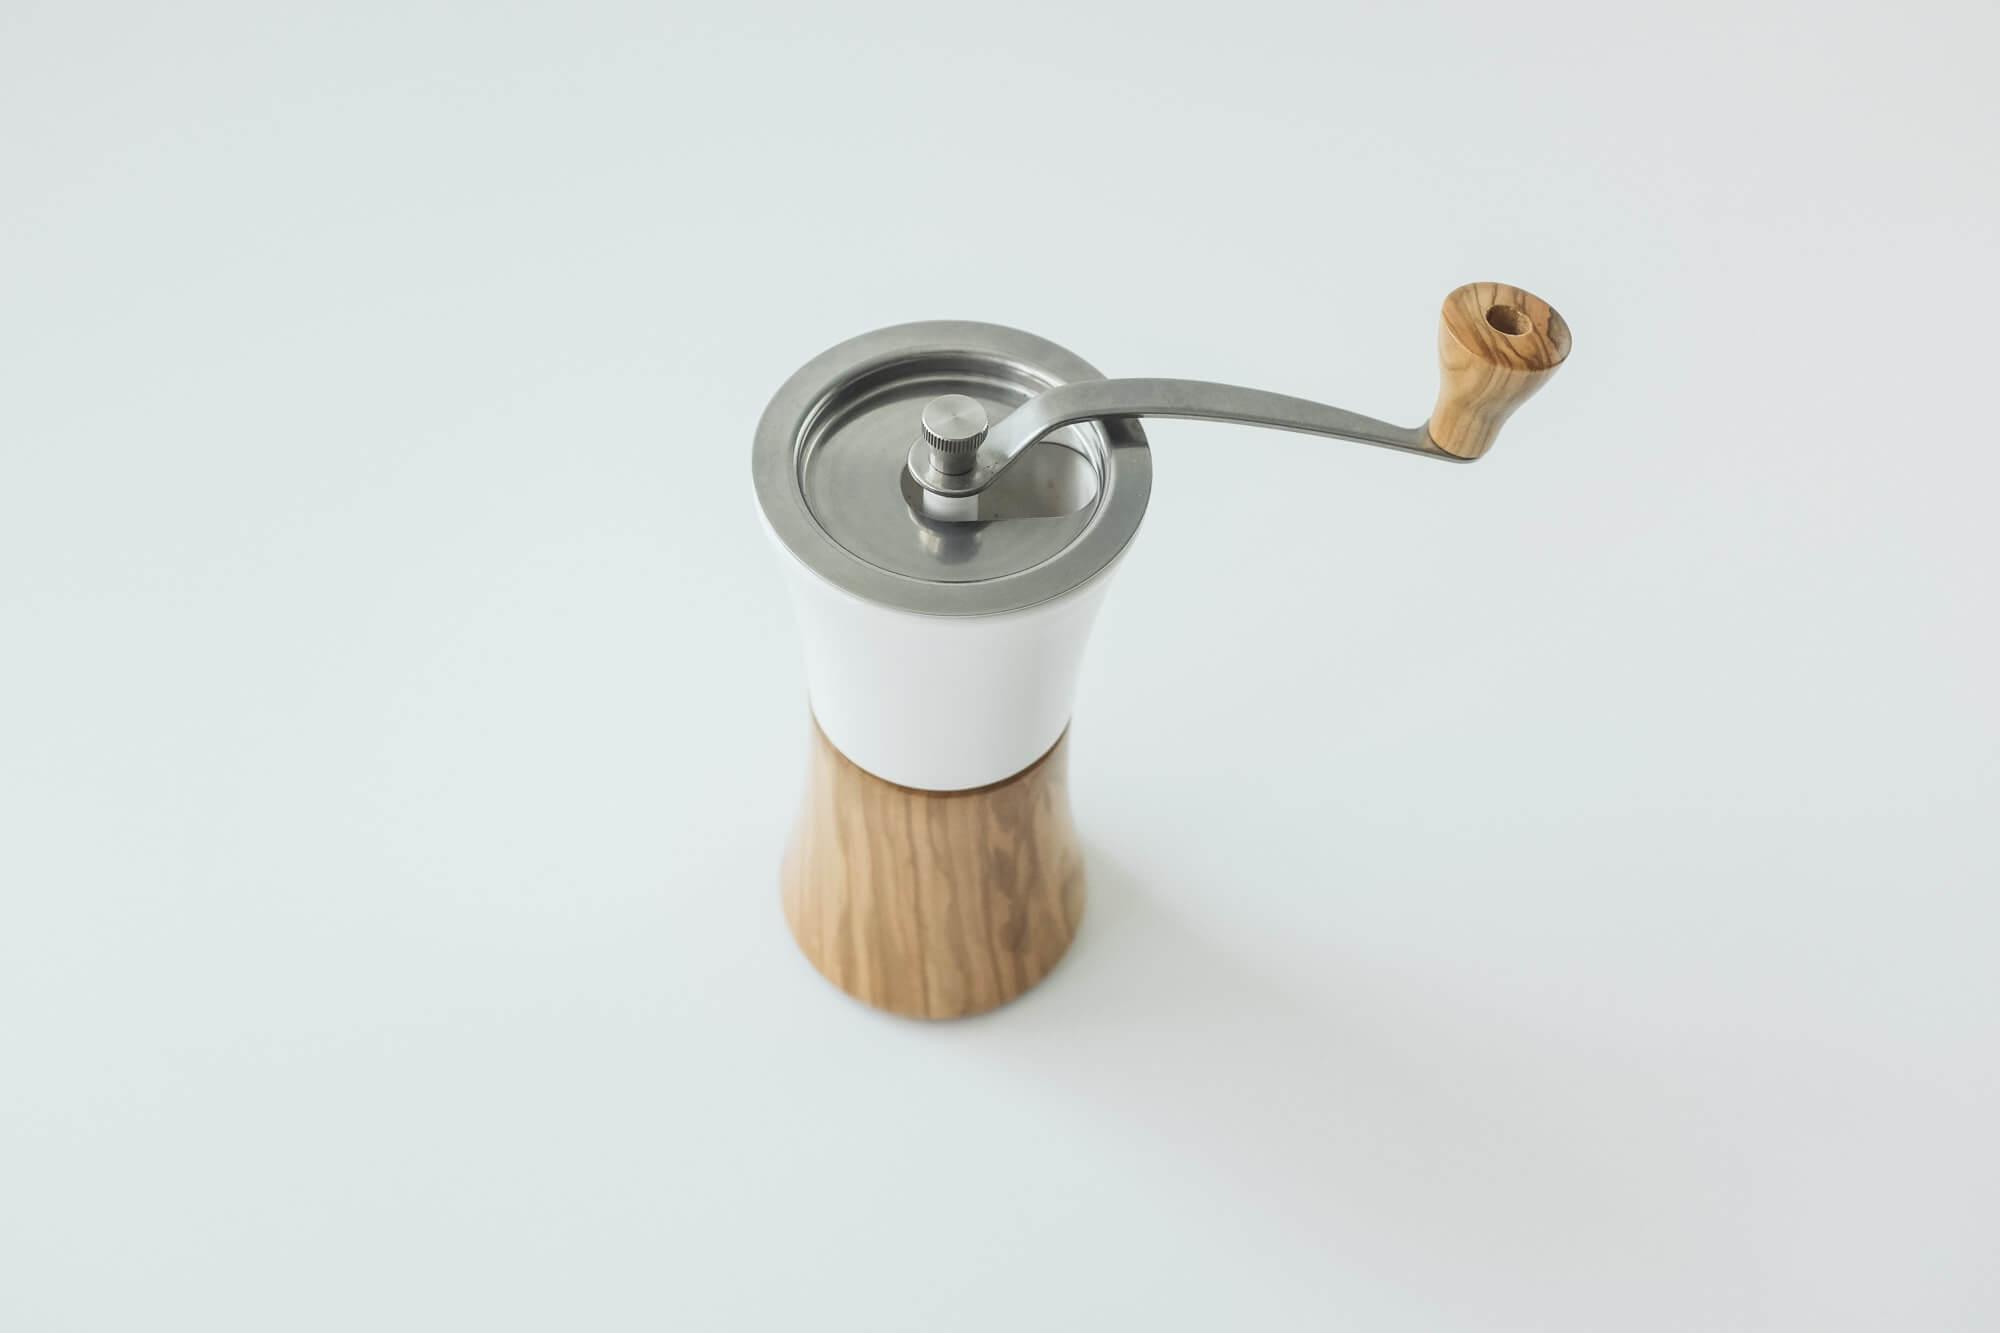 Hario Wood Coffee Grinder Review